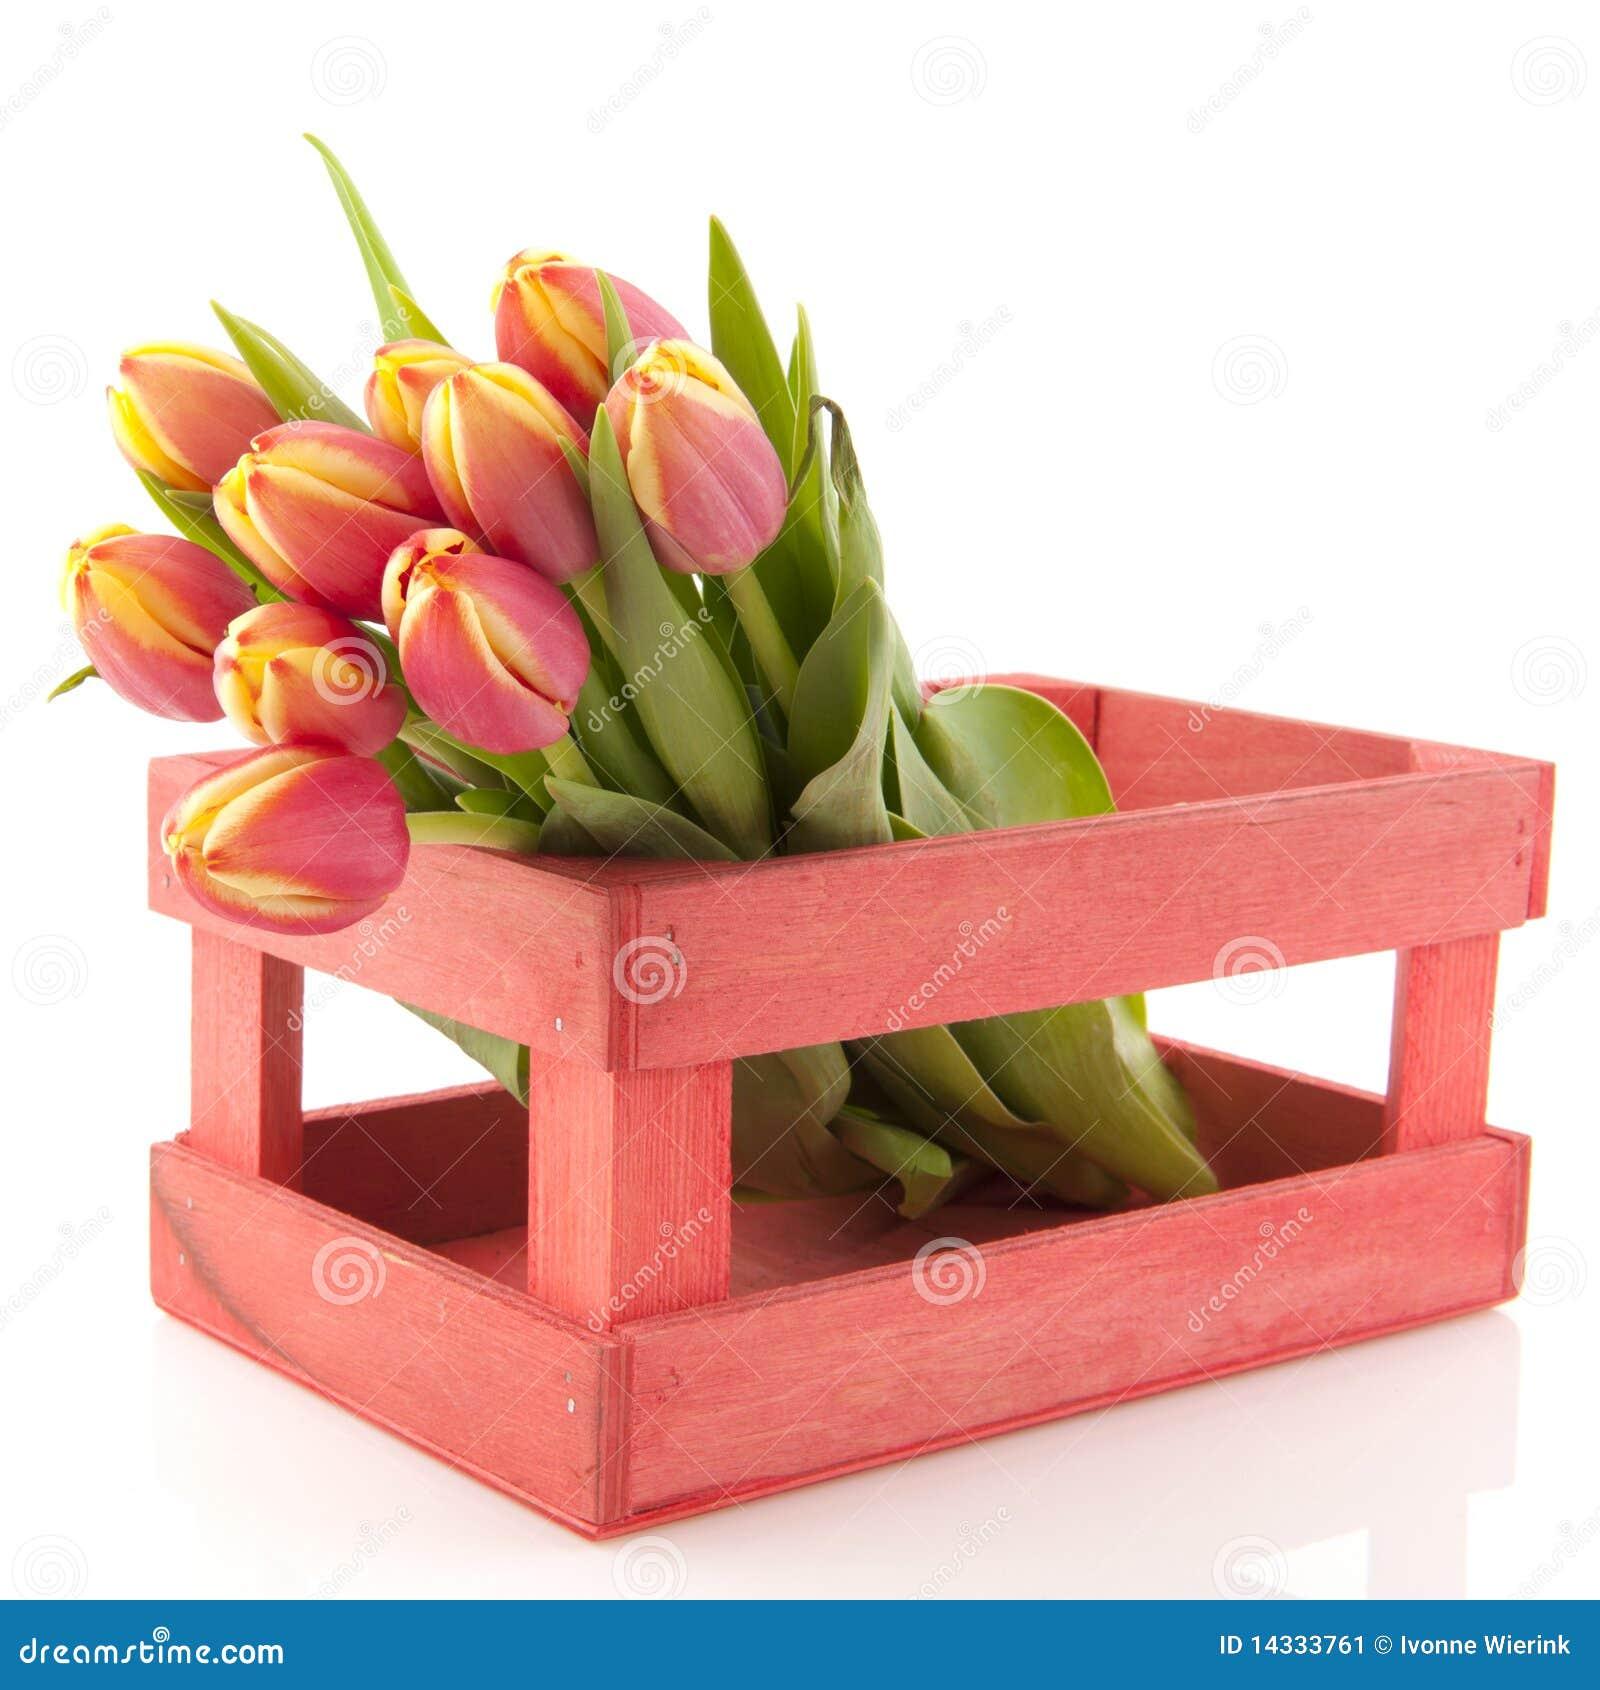 Caixa De Madeira Com Flores Imagem de Stock Imagem: 14333761 #B69815 1300x1390